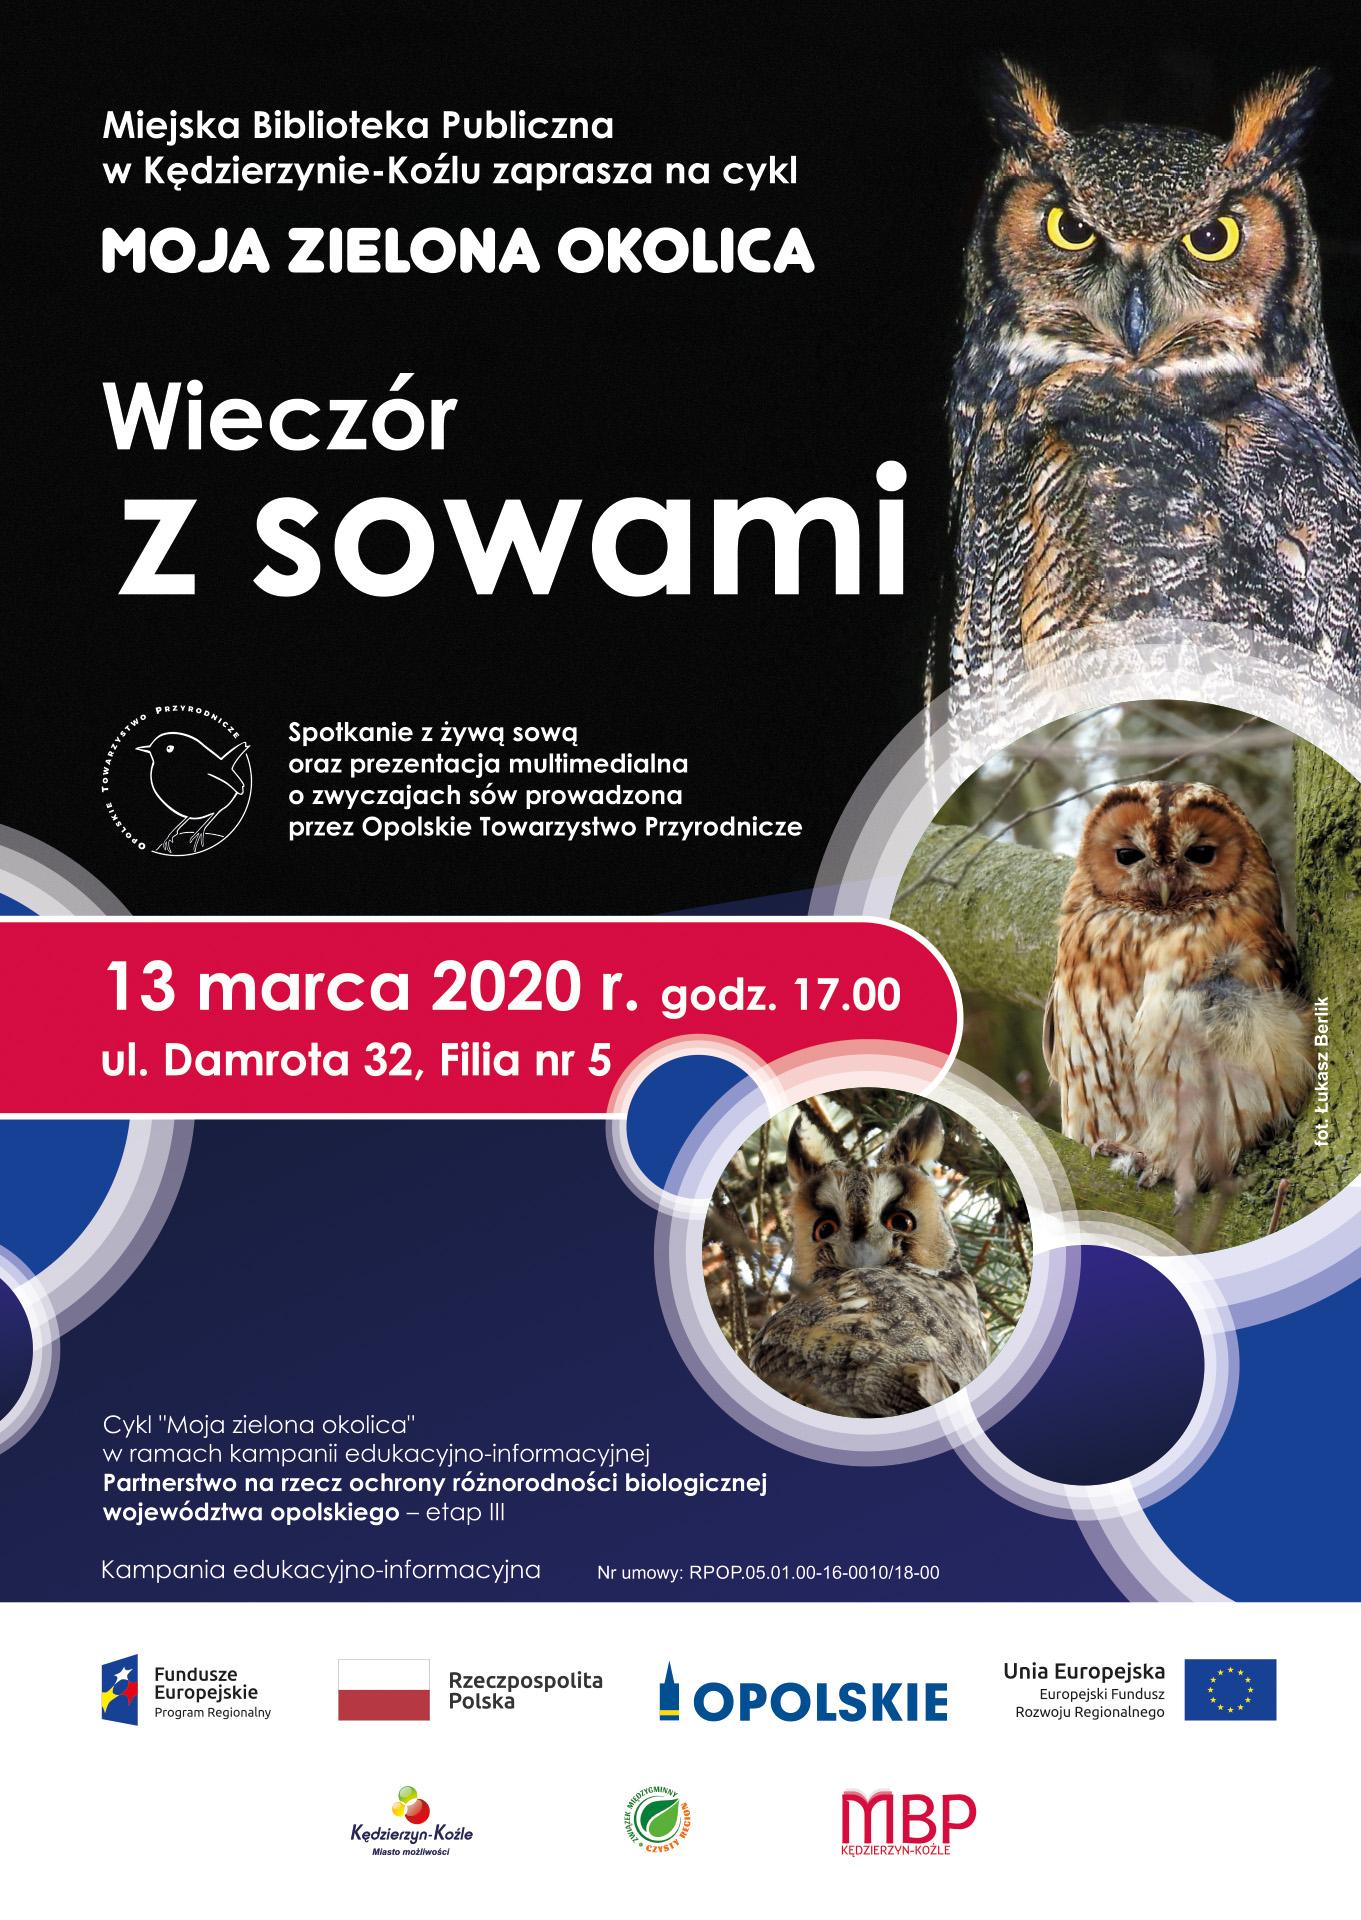 Spotkanie z żywą sową/sowami